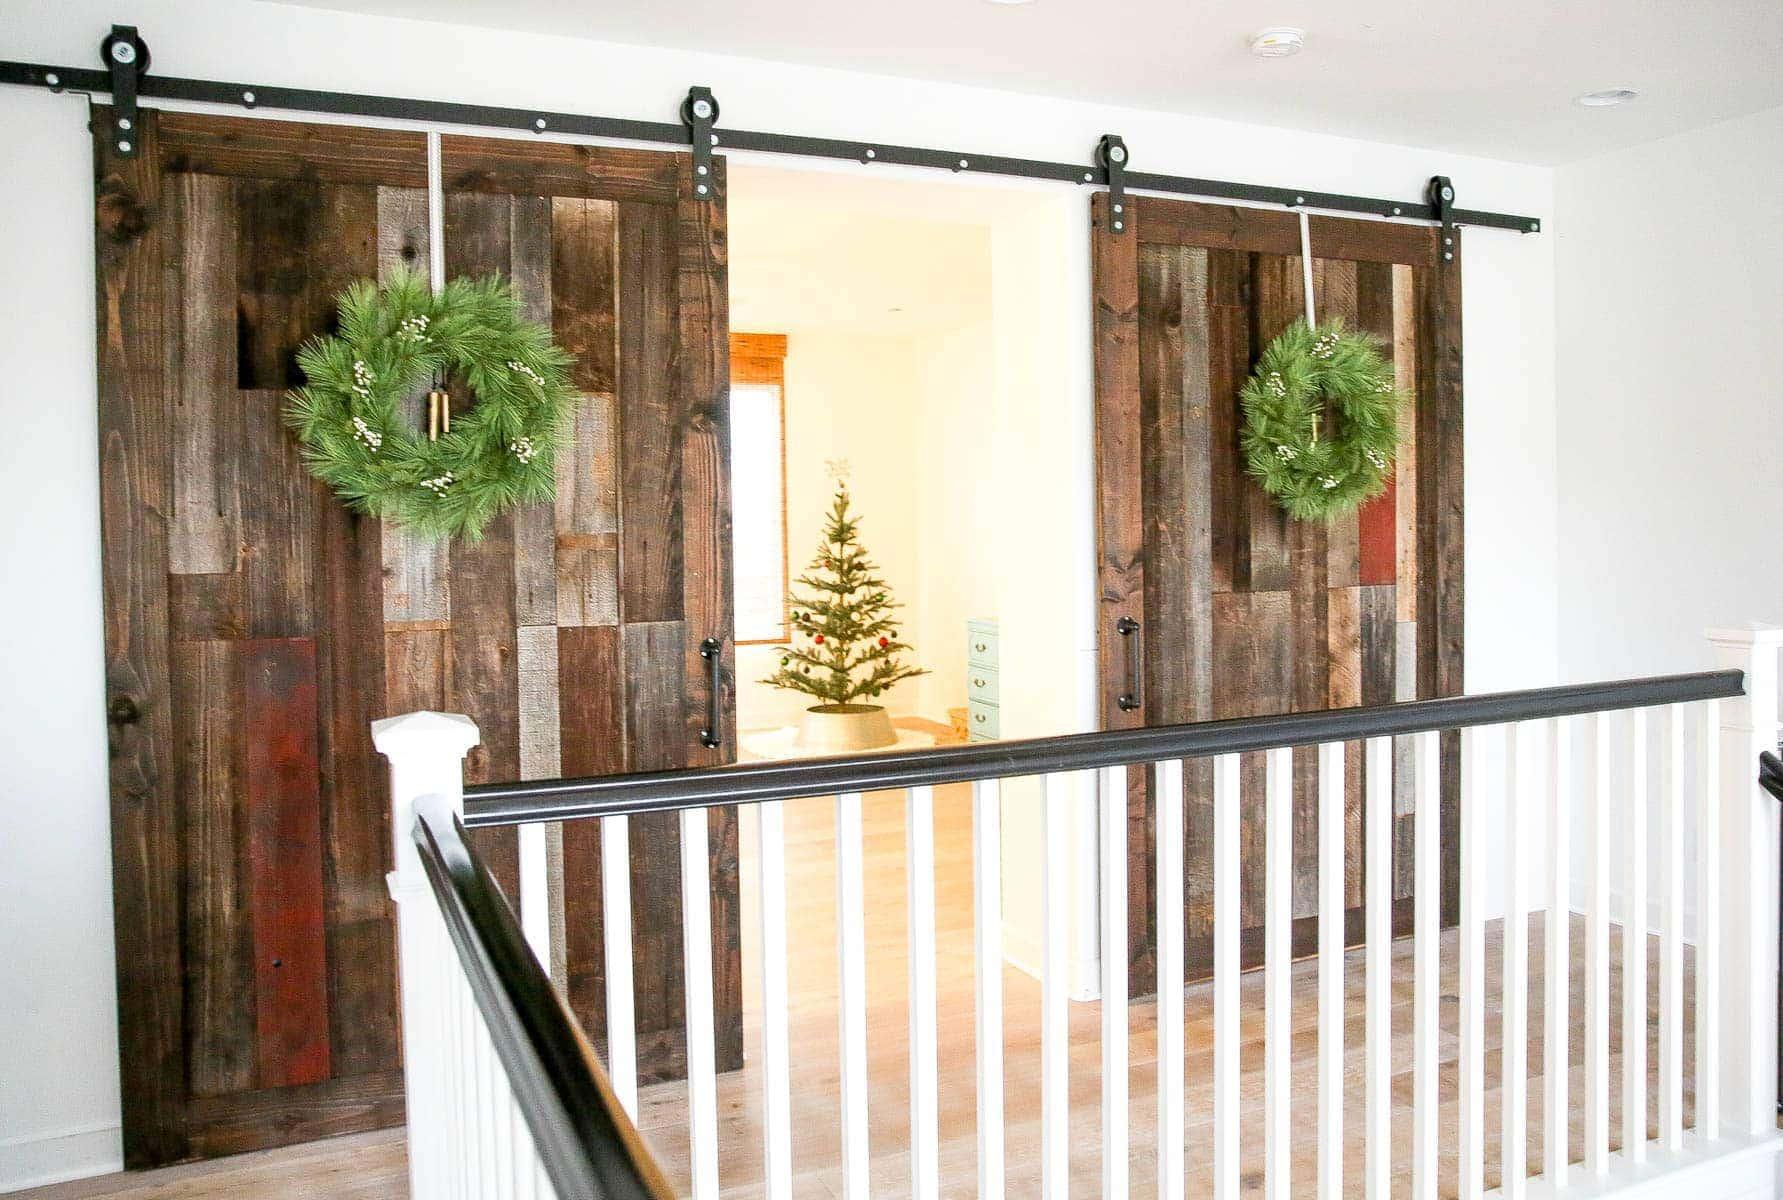 barn doors with christmas wreaths